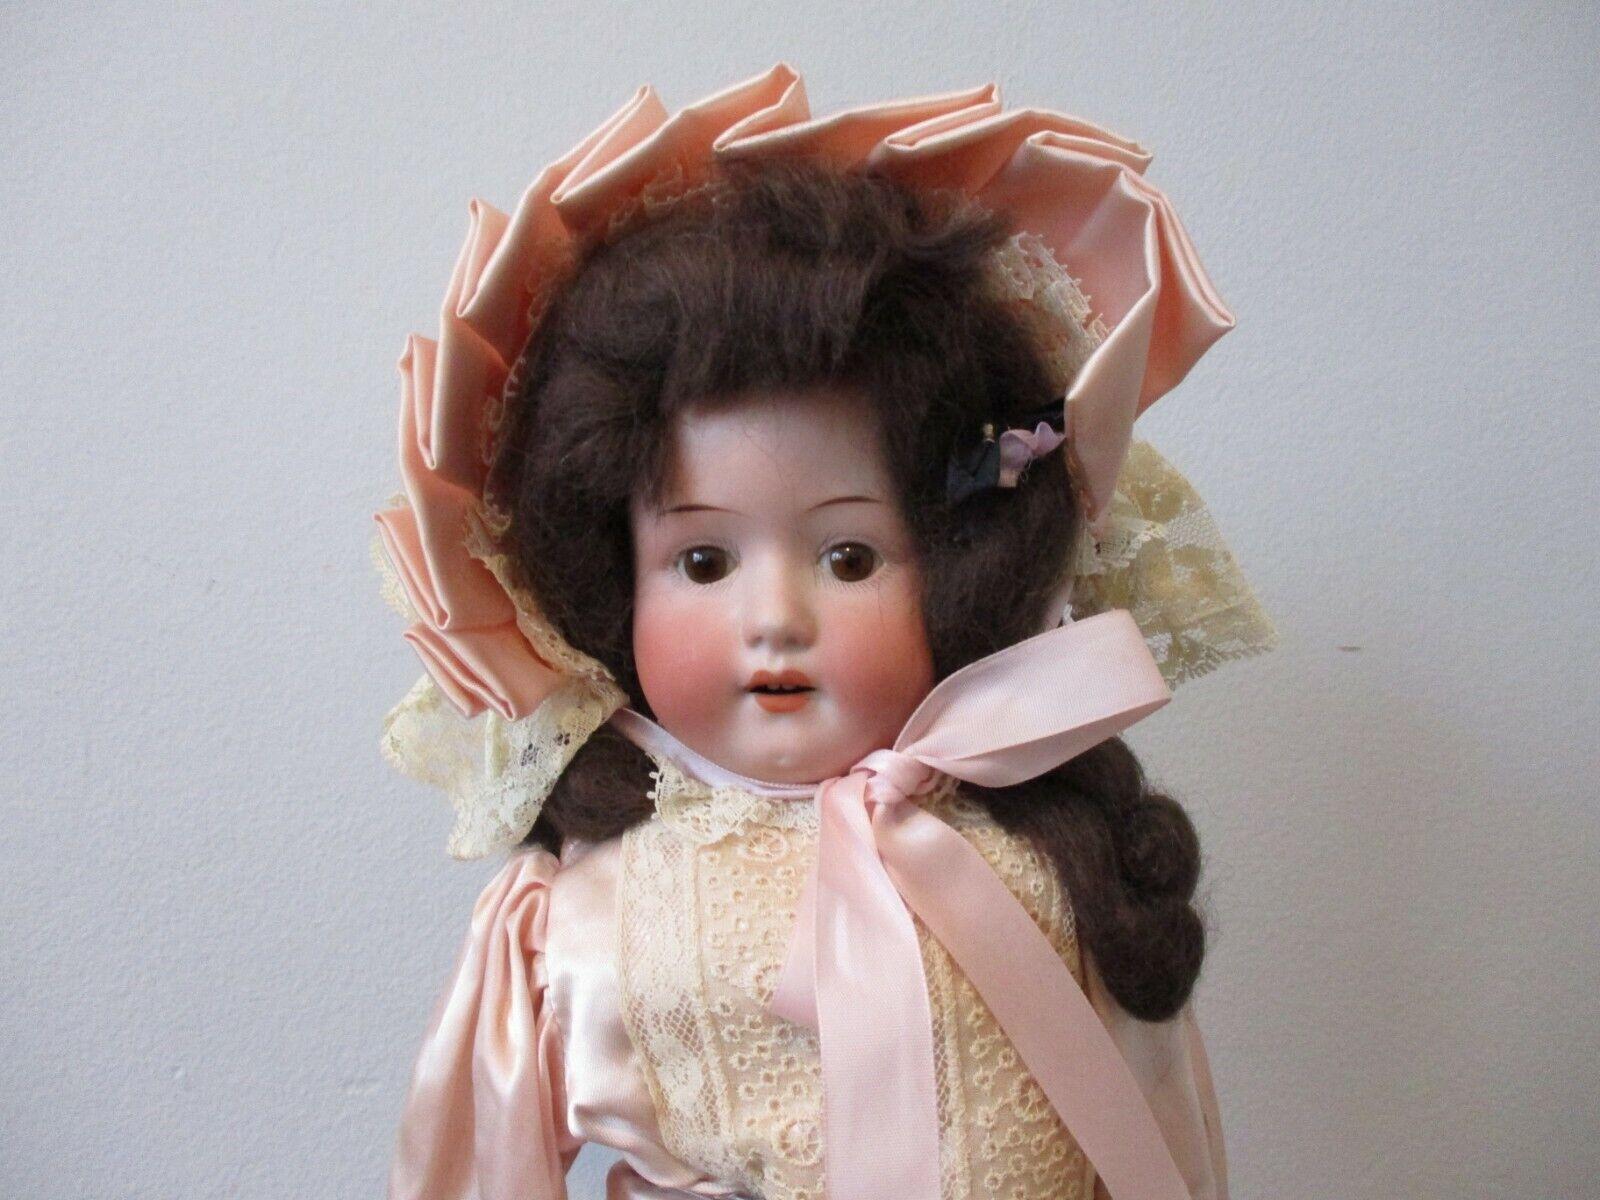 Muñeca Antigua Alemana Heubach de 18 pulgadas 1900s Victoriano niña Cuerpo De Cuero Biscuit Niño